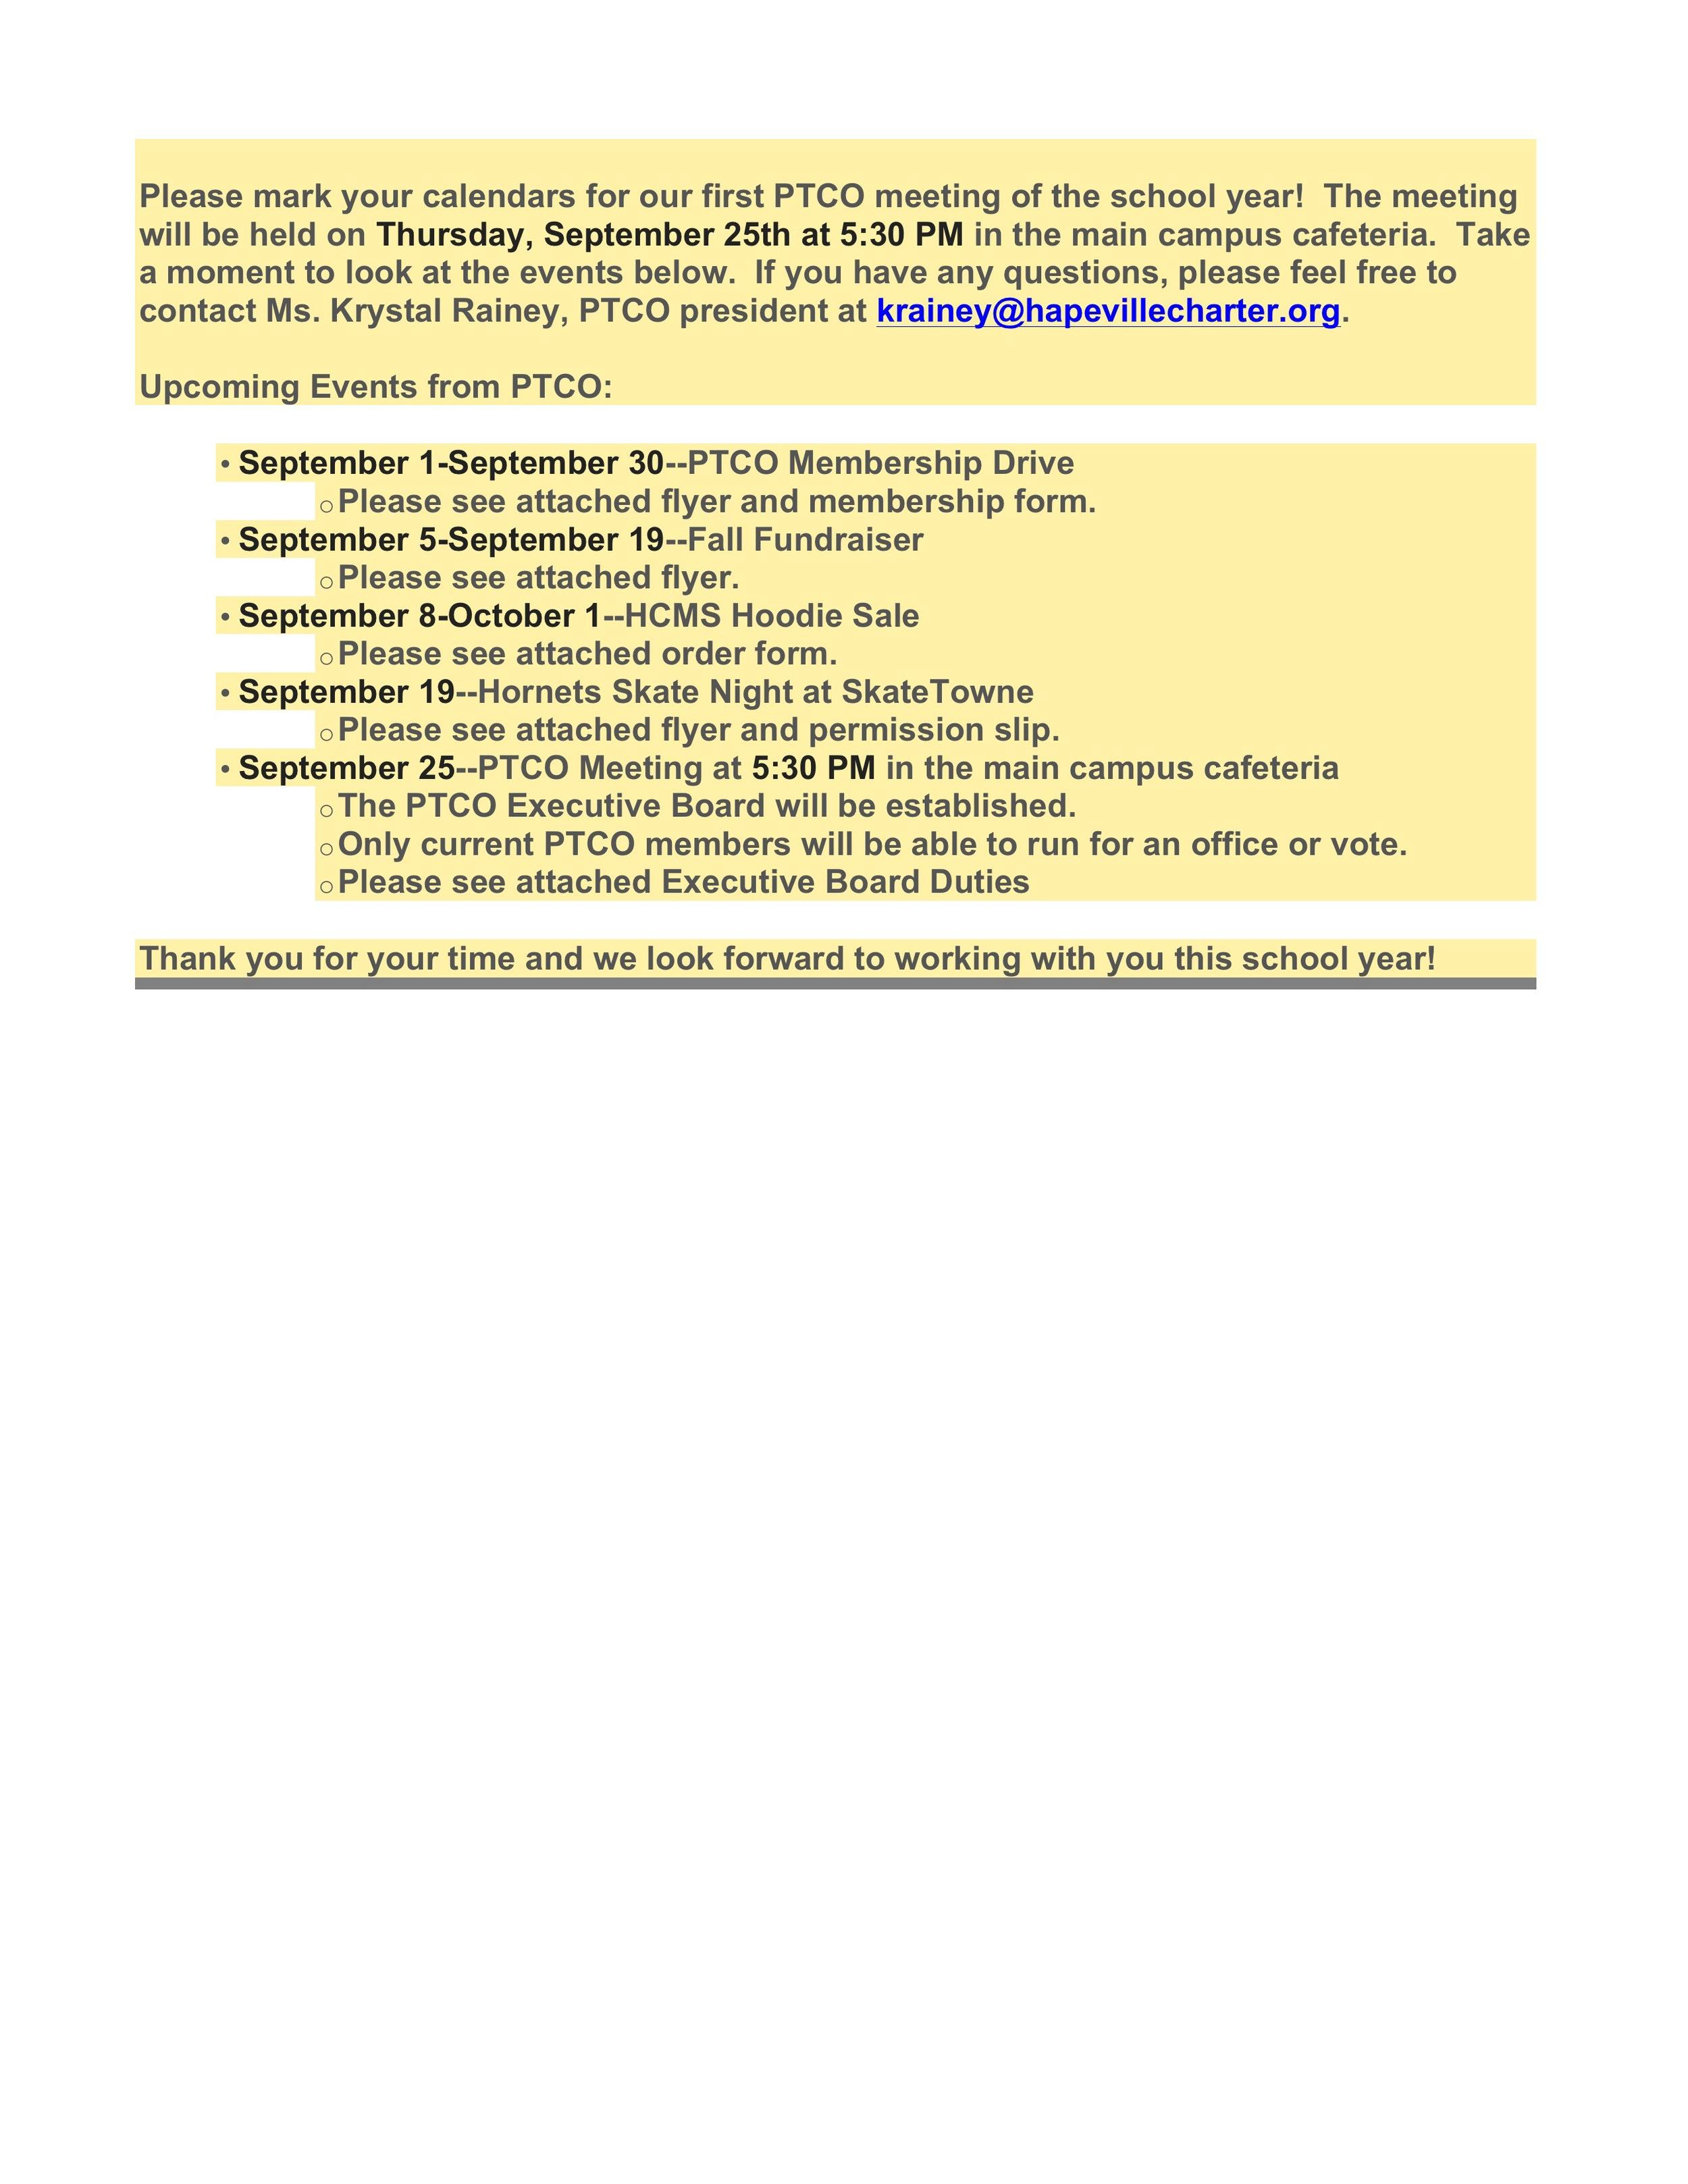 Newsletter Image7th grade sept 8-12 2014 4.jpeg